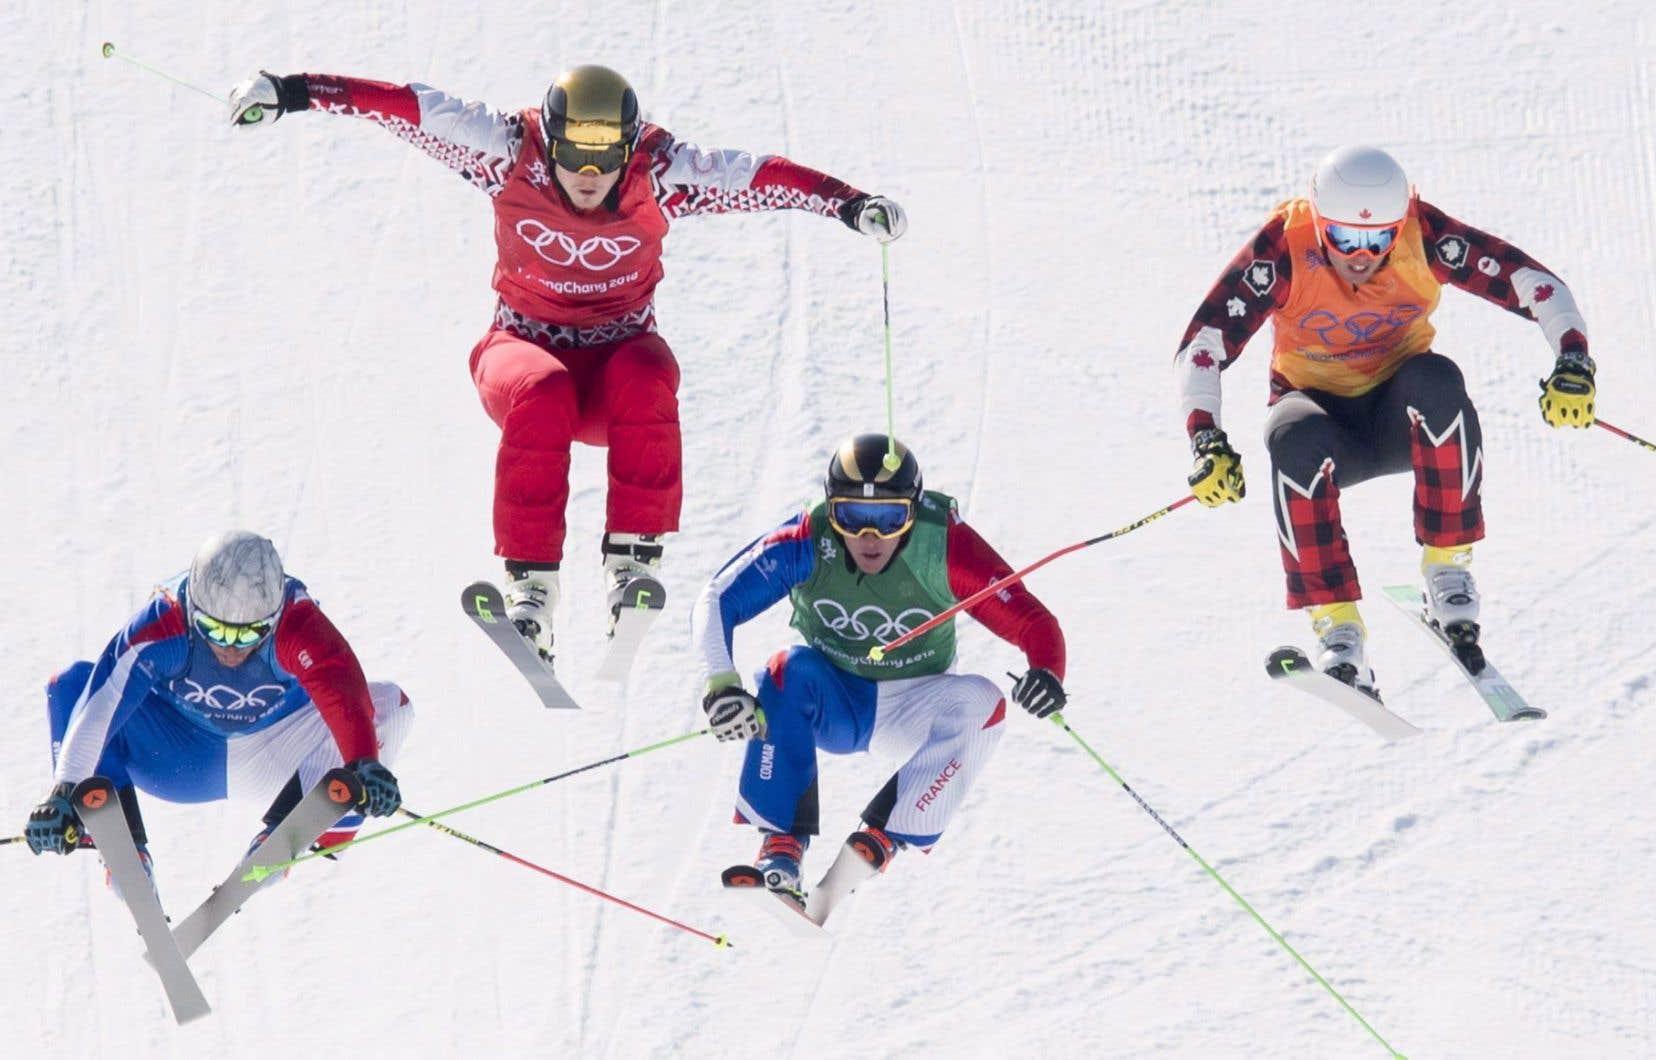 Duncan, double médaillé des X Games d'hiver, a terminé huitième du ski cross des Jeux de Pyeongchang.